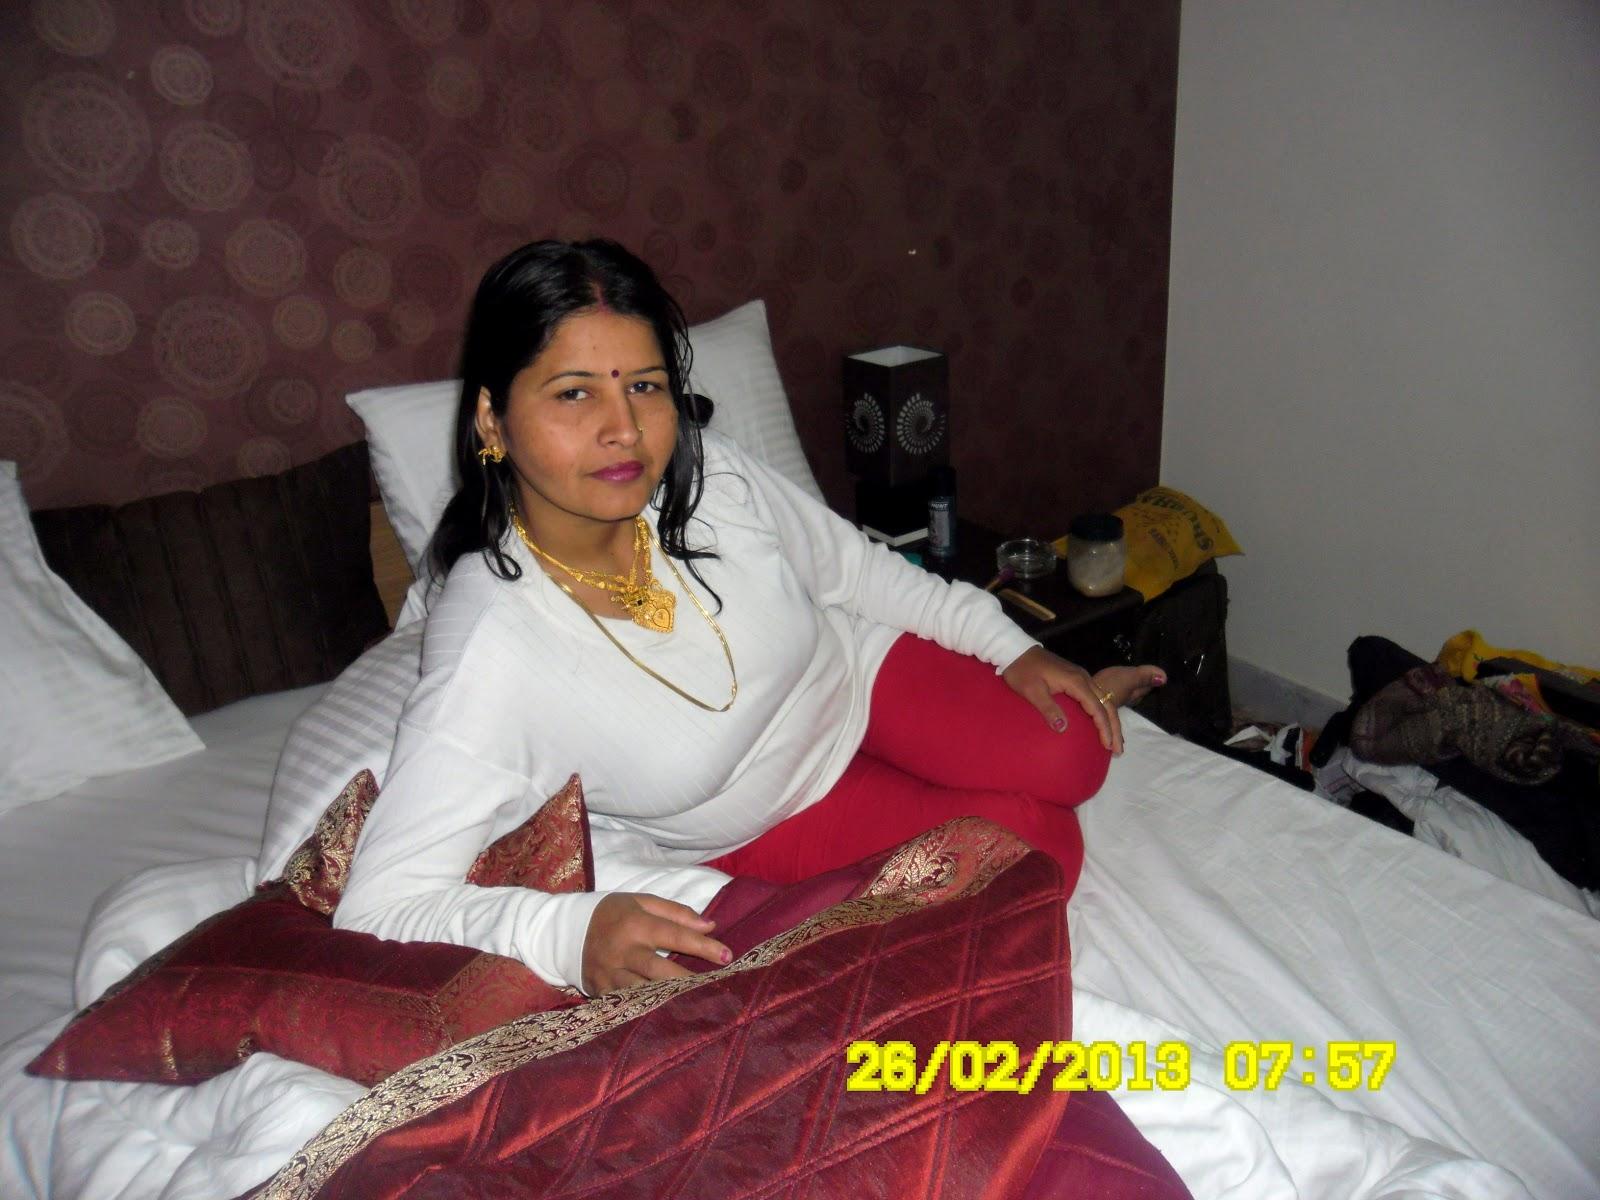 Desi wife Babli Sharma sexy wife Babli Sharma Beautiful young wife